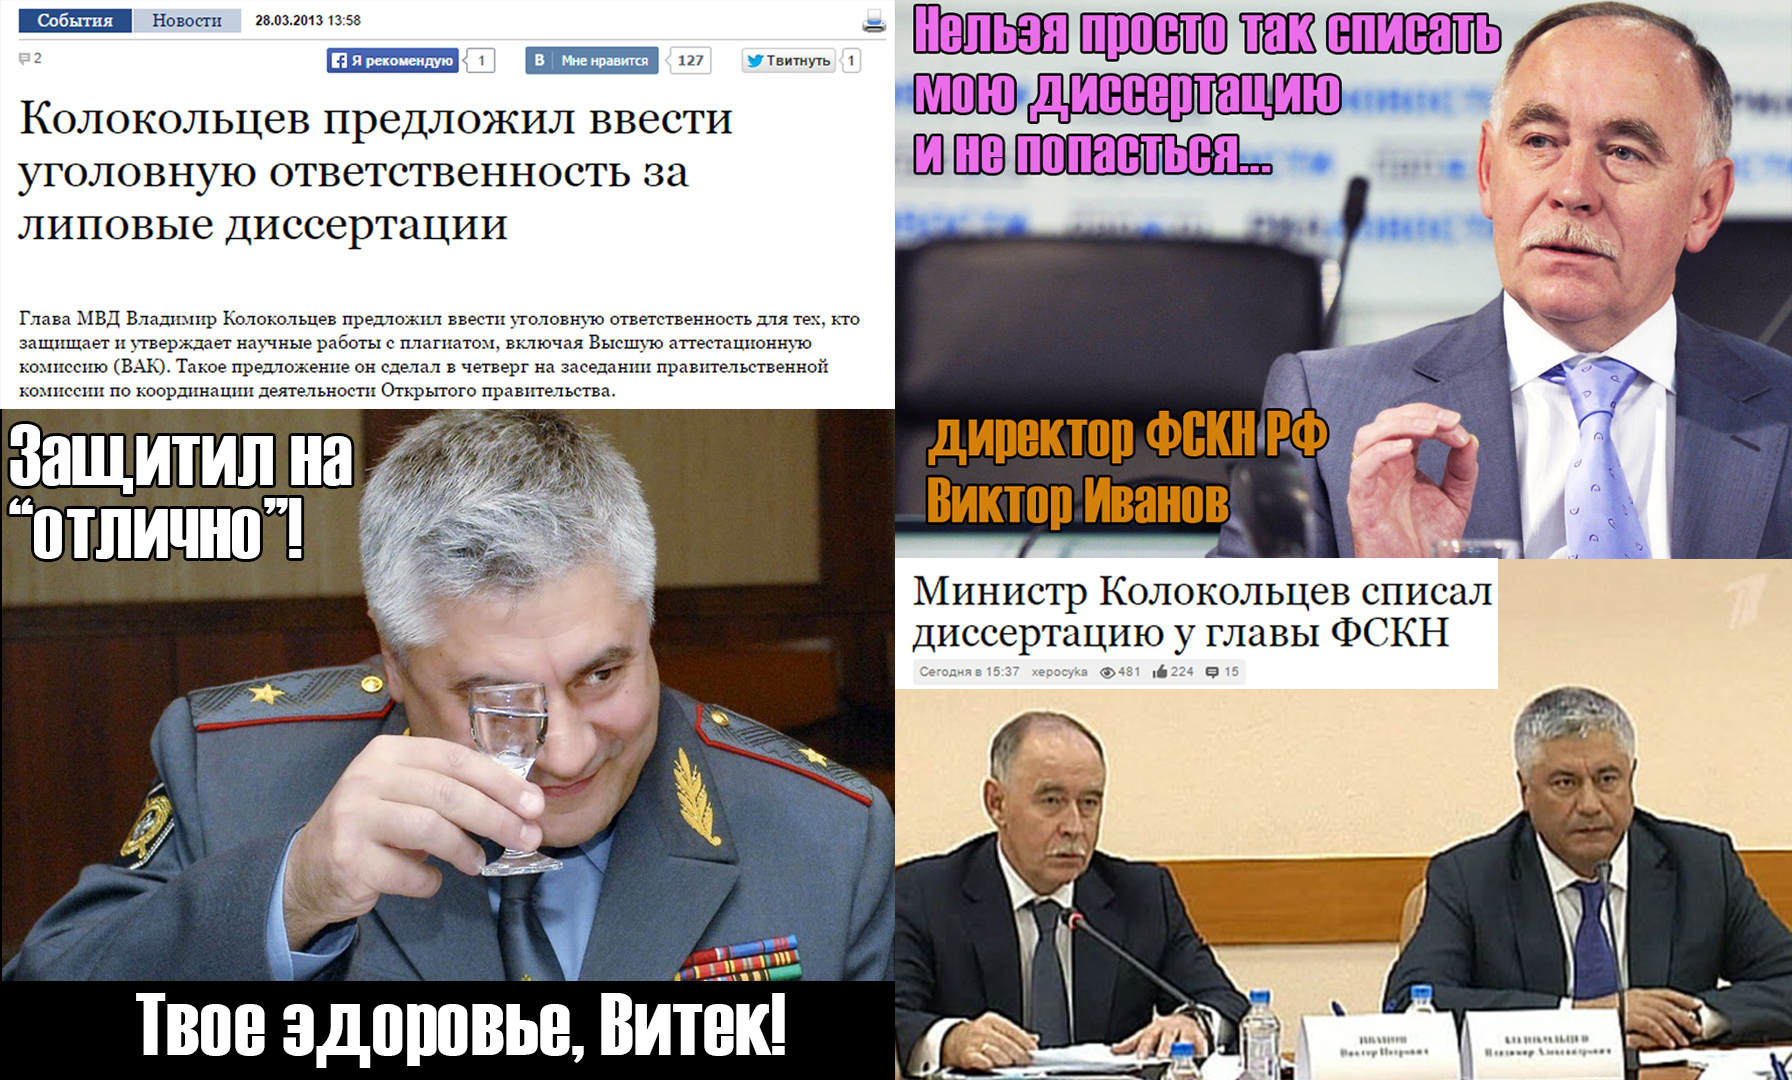 МВД ФСКН